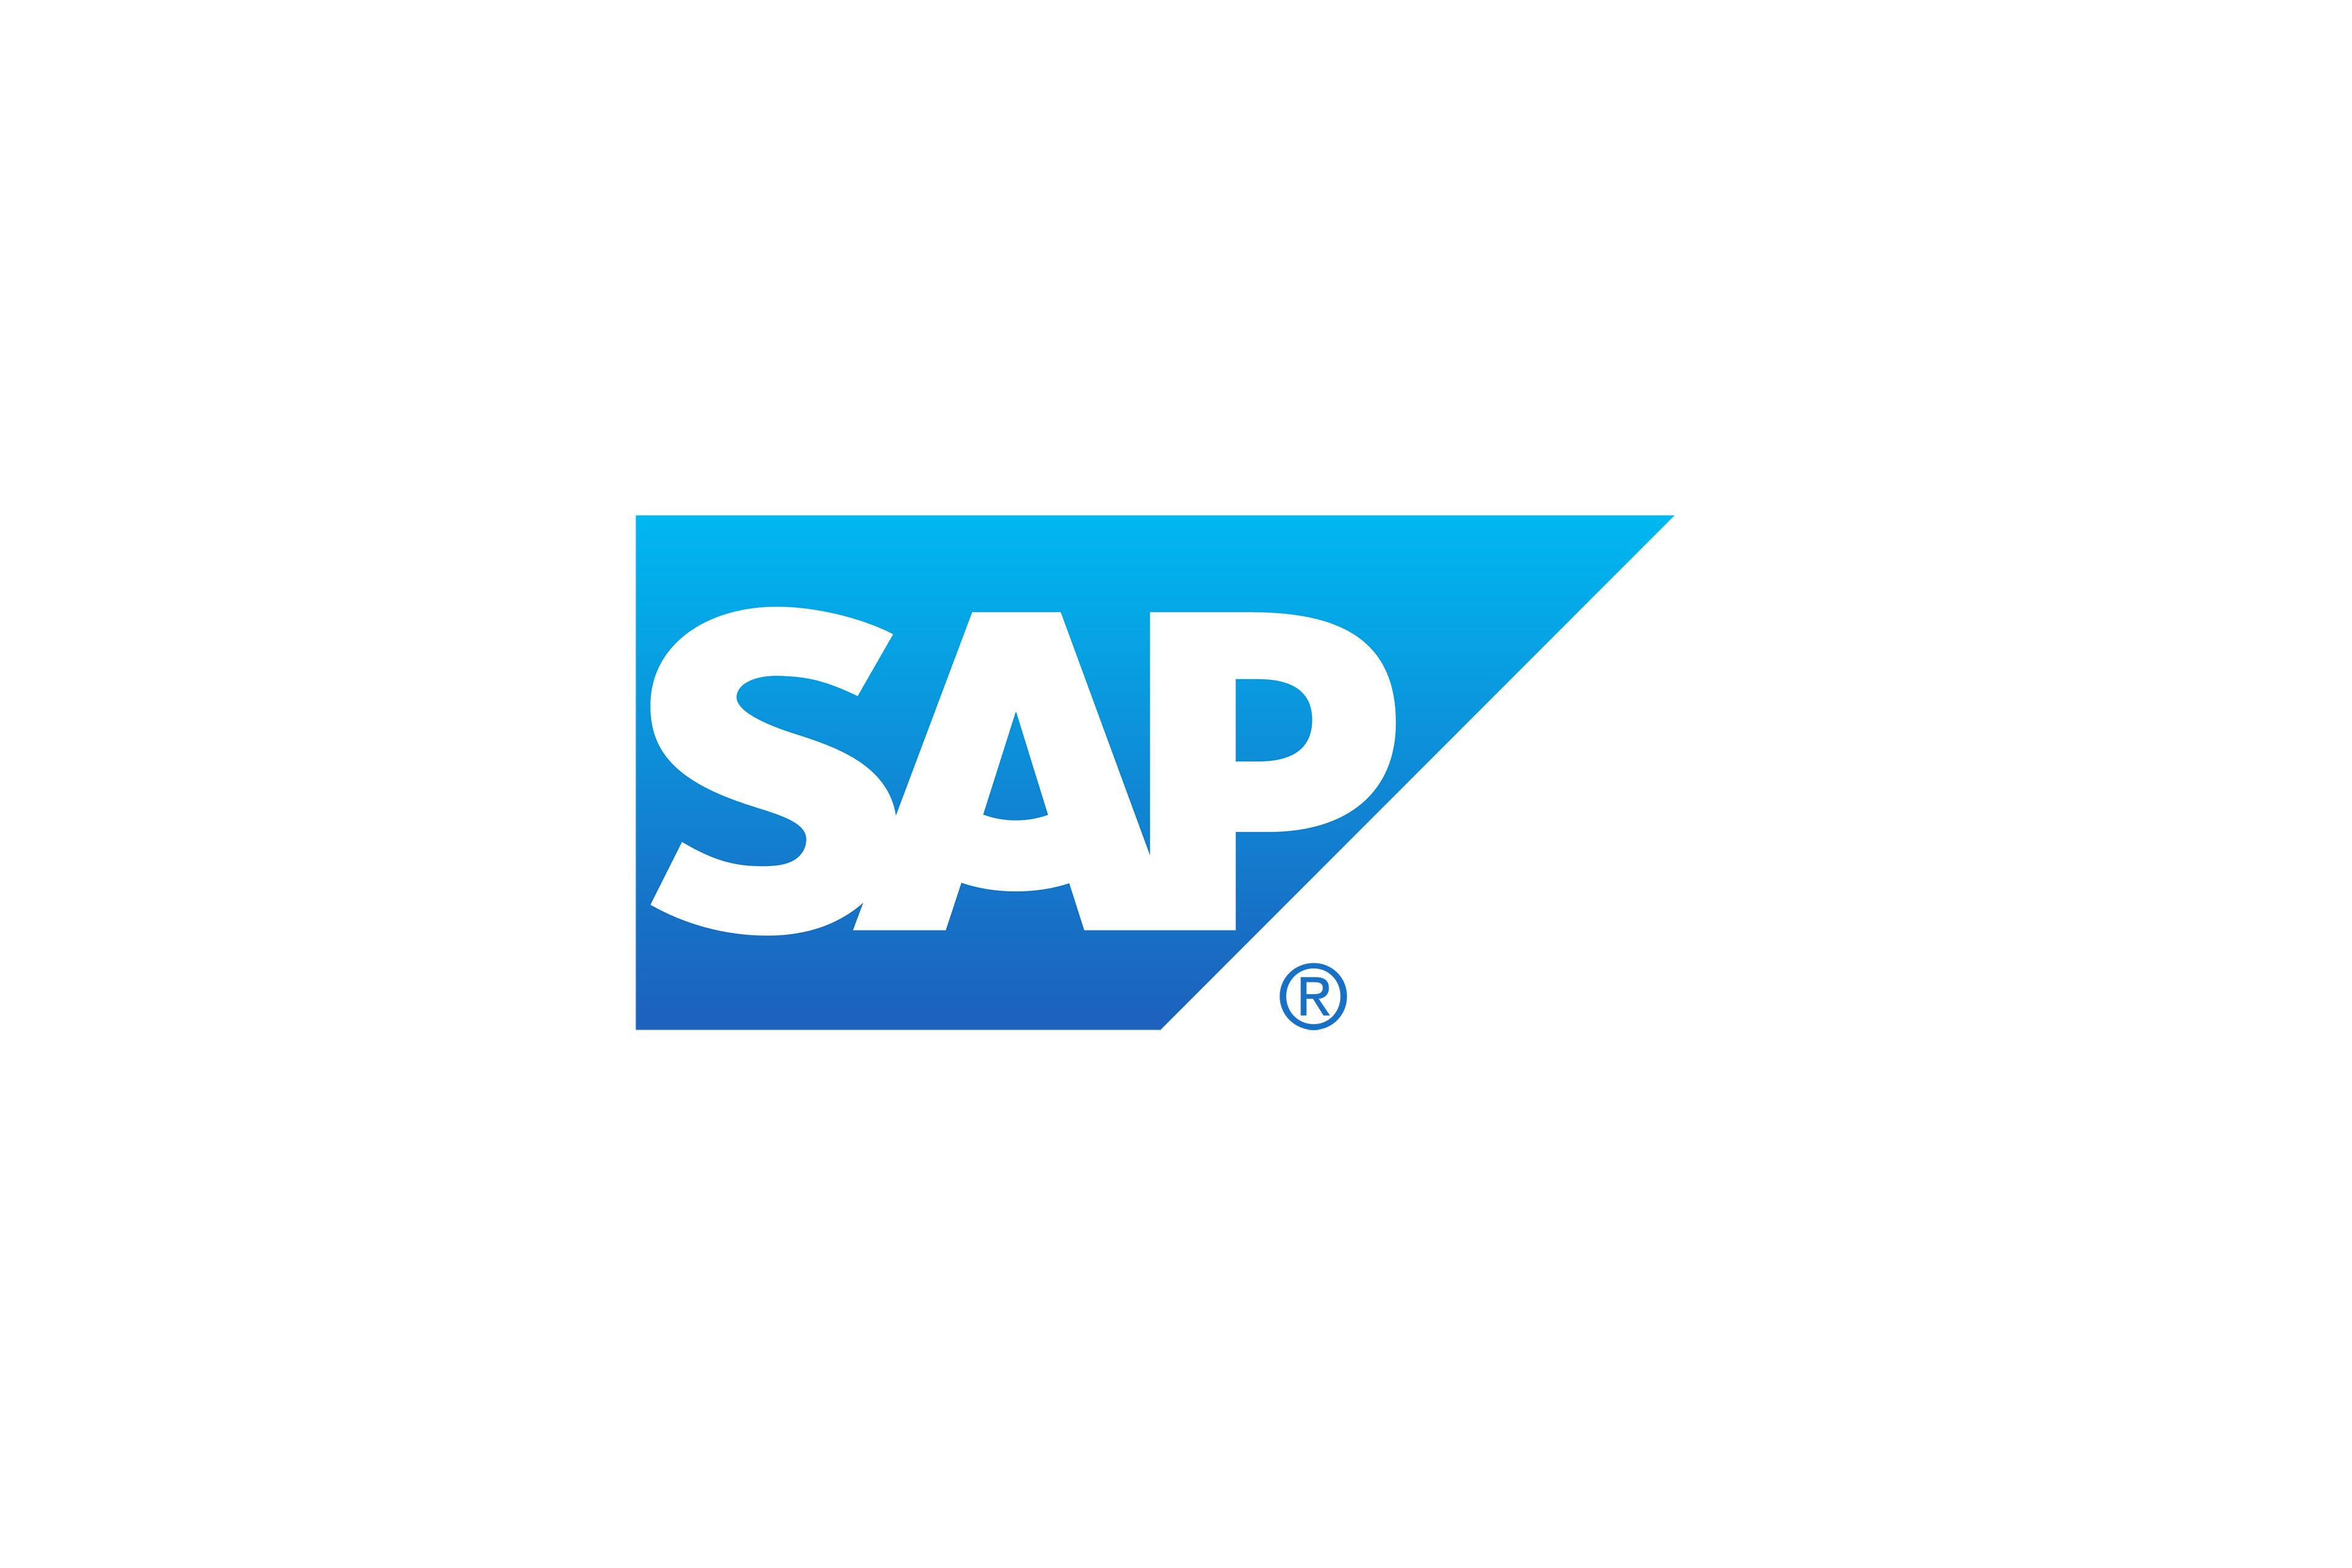 Logotipo de SAP